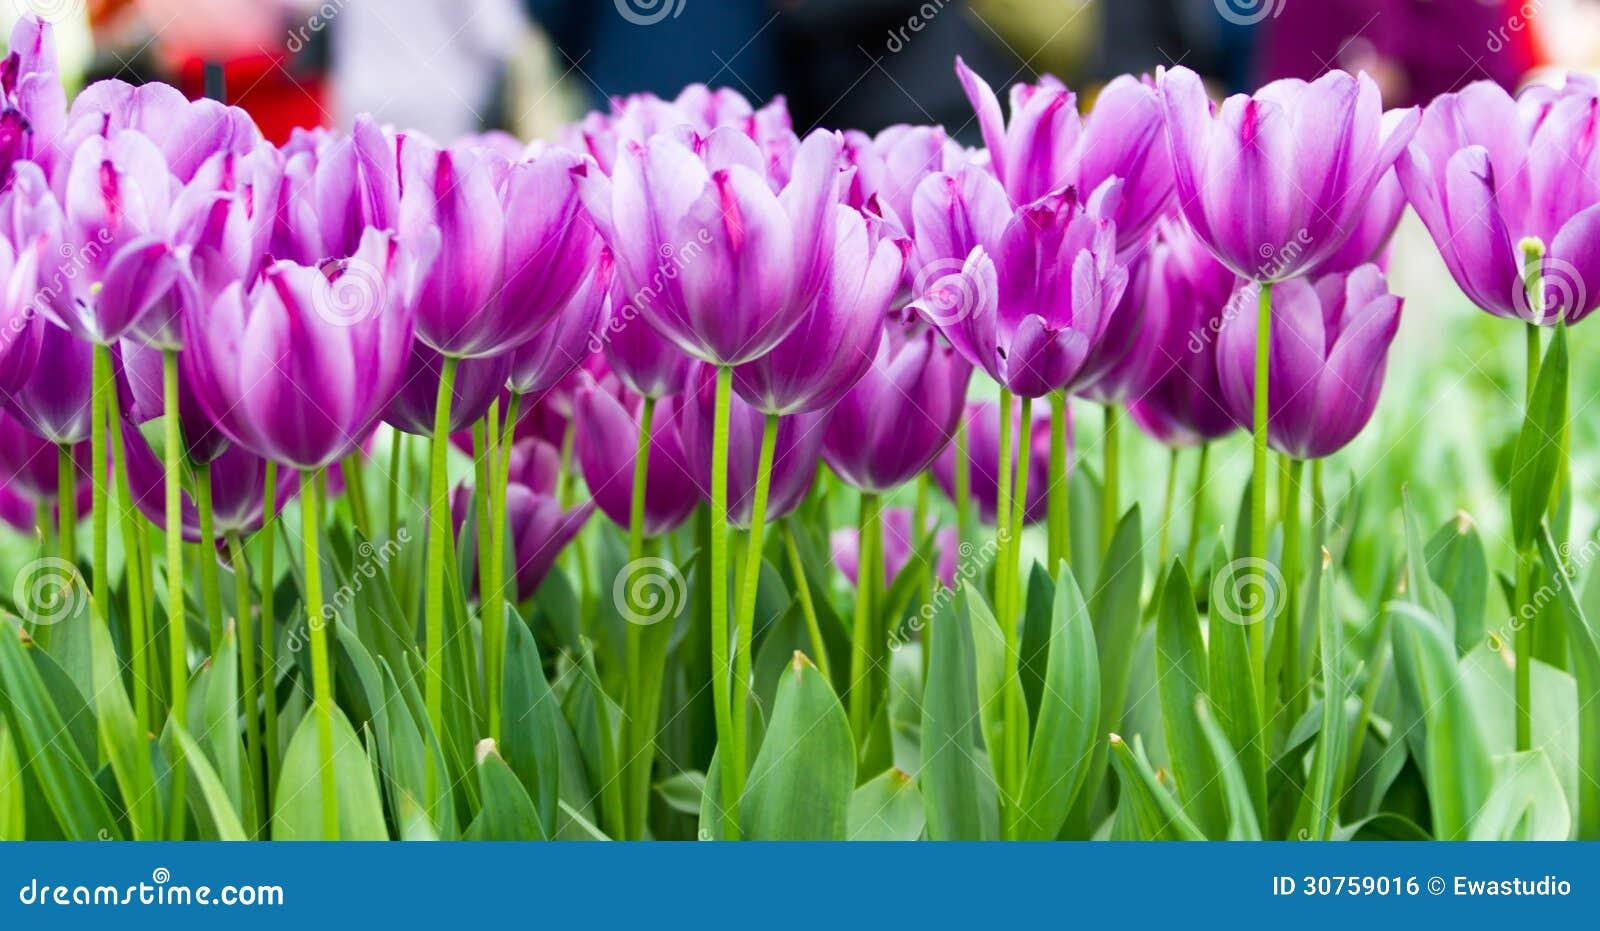 五颜六色的郁金香.美丽的春天花.春天风景.